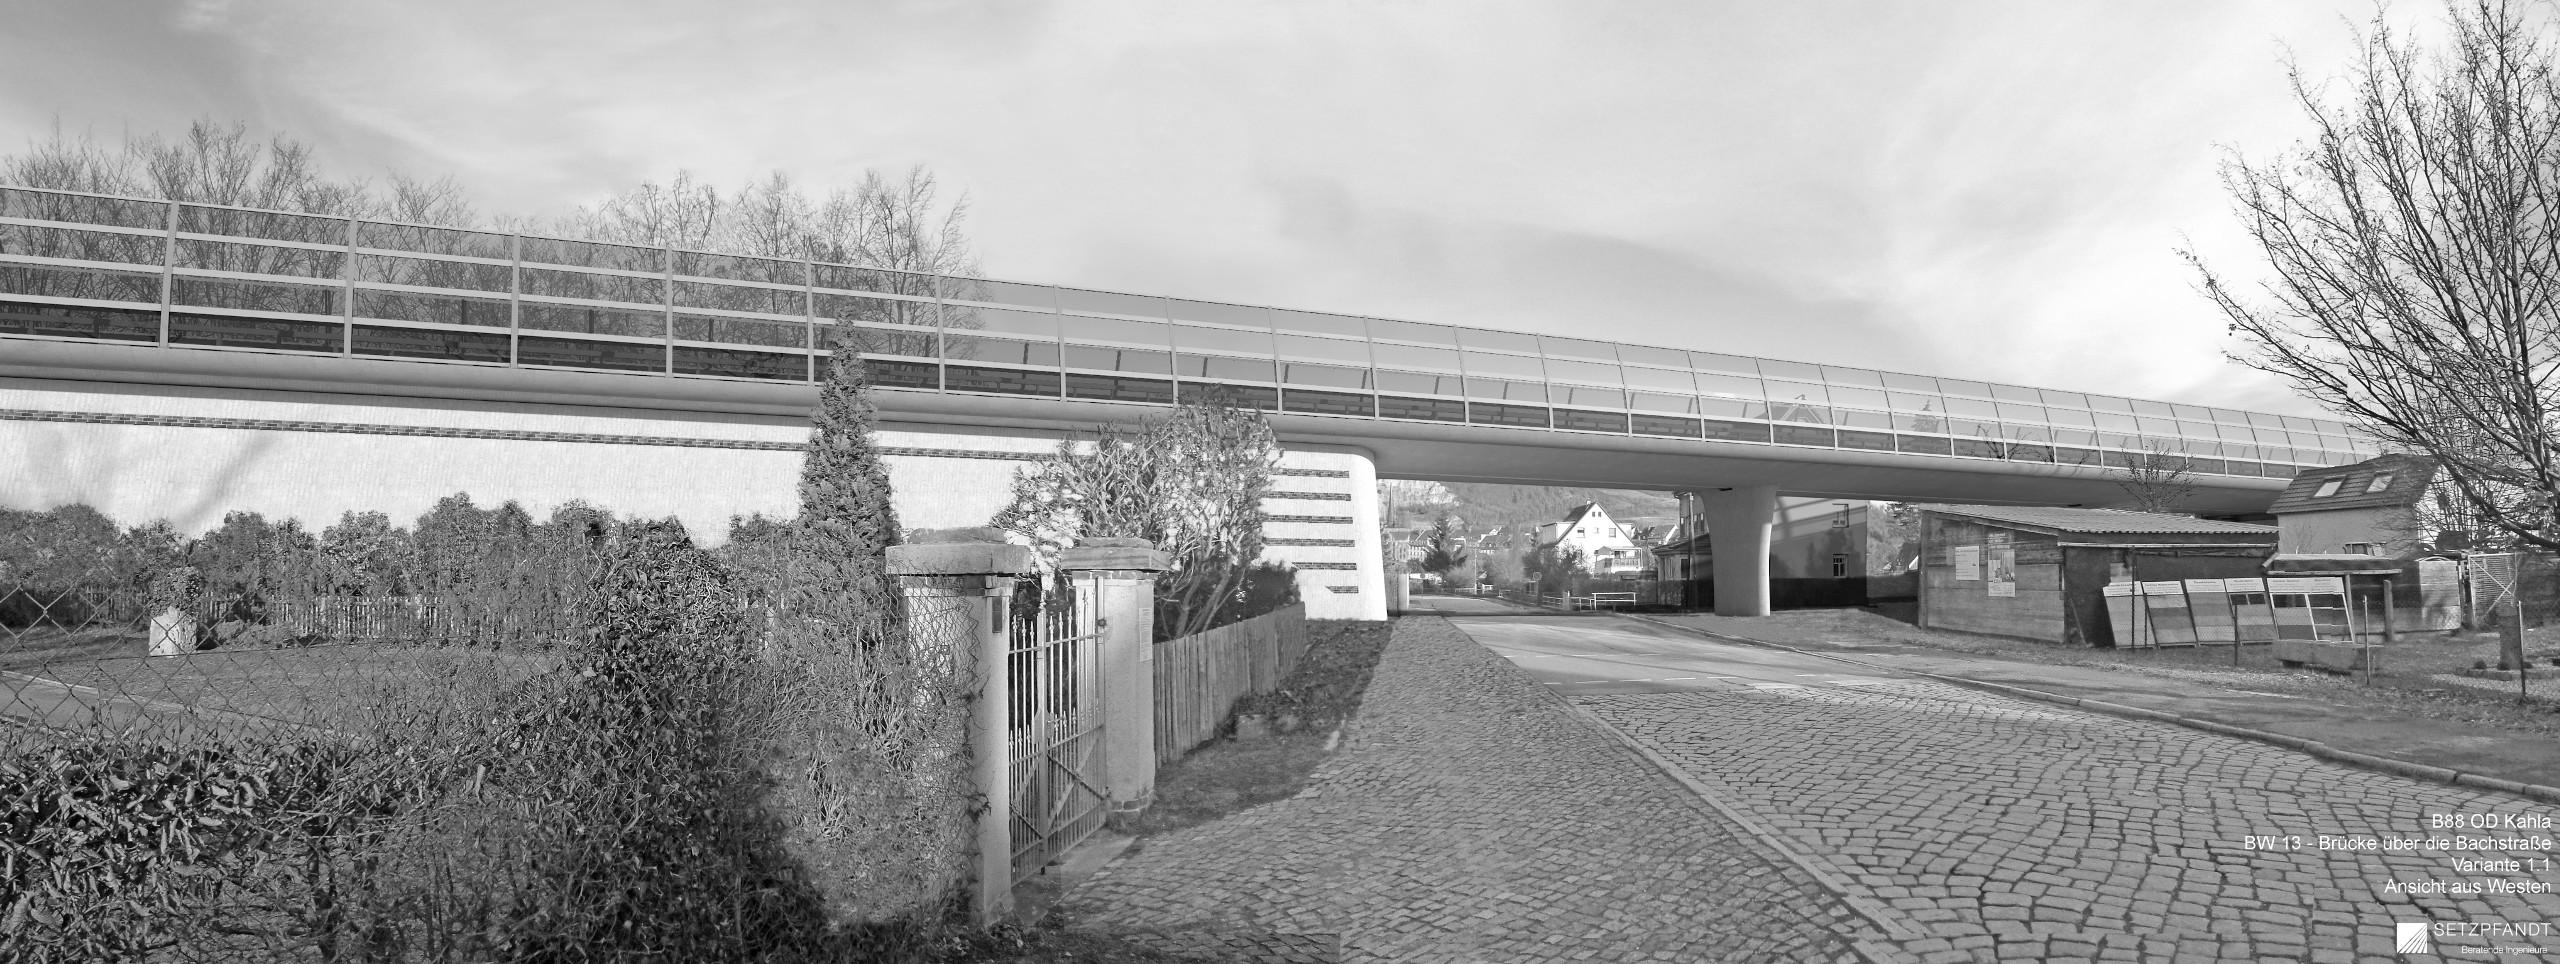 Ausbau der B 88 Kahla – Neubau von Brücken, Stützwänden, Lärm- und Irritationsschutzwänden